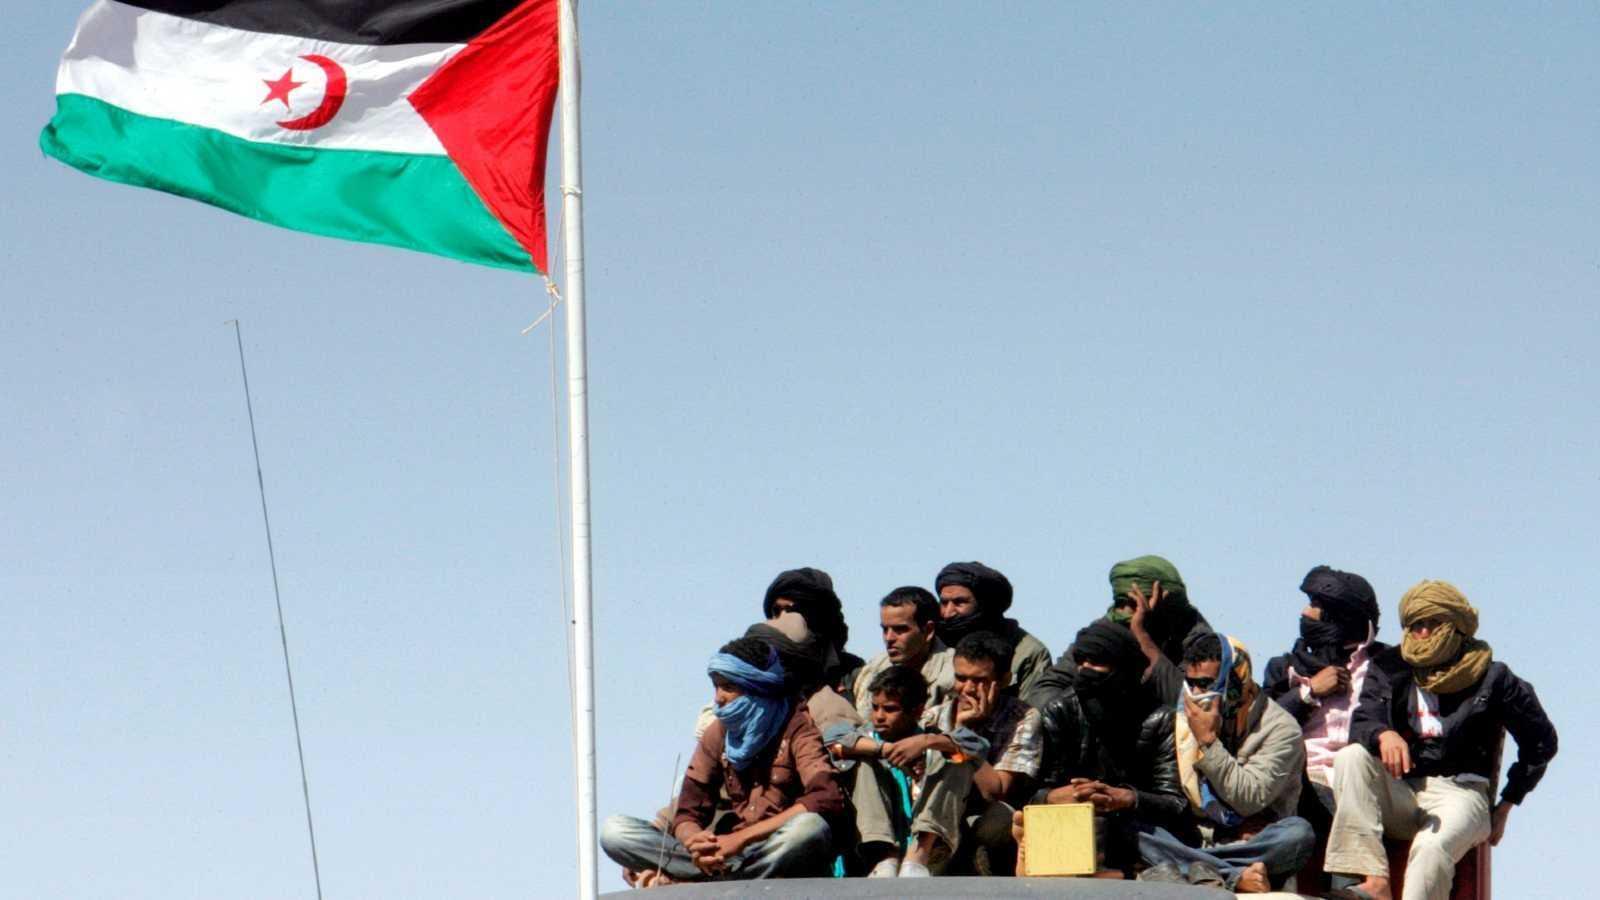 Mediterráneo - Sahara Occidental. Entre la pesca y los fosfatos - 13/12/20 - escuchar ahora